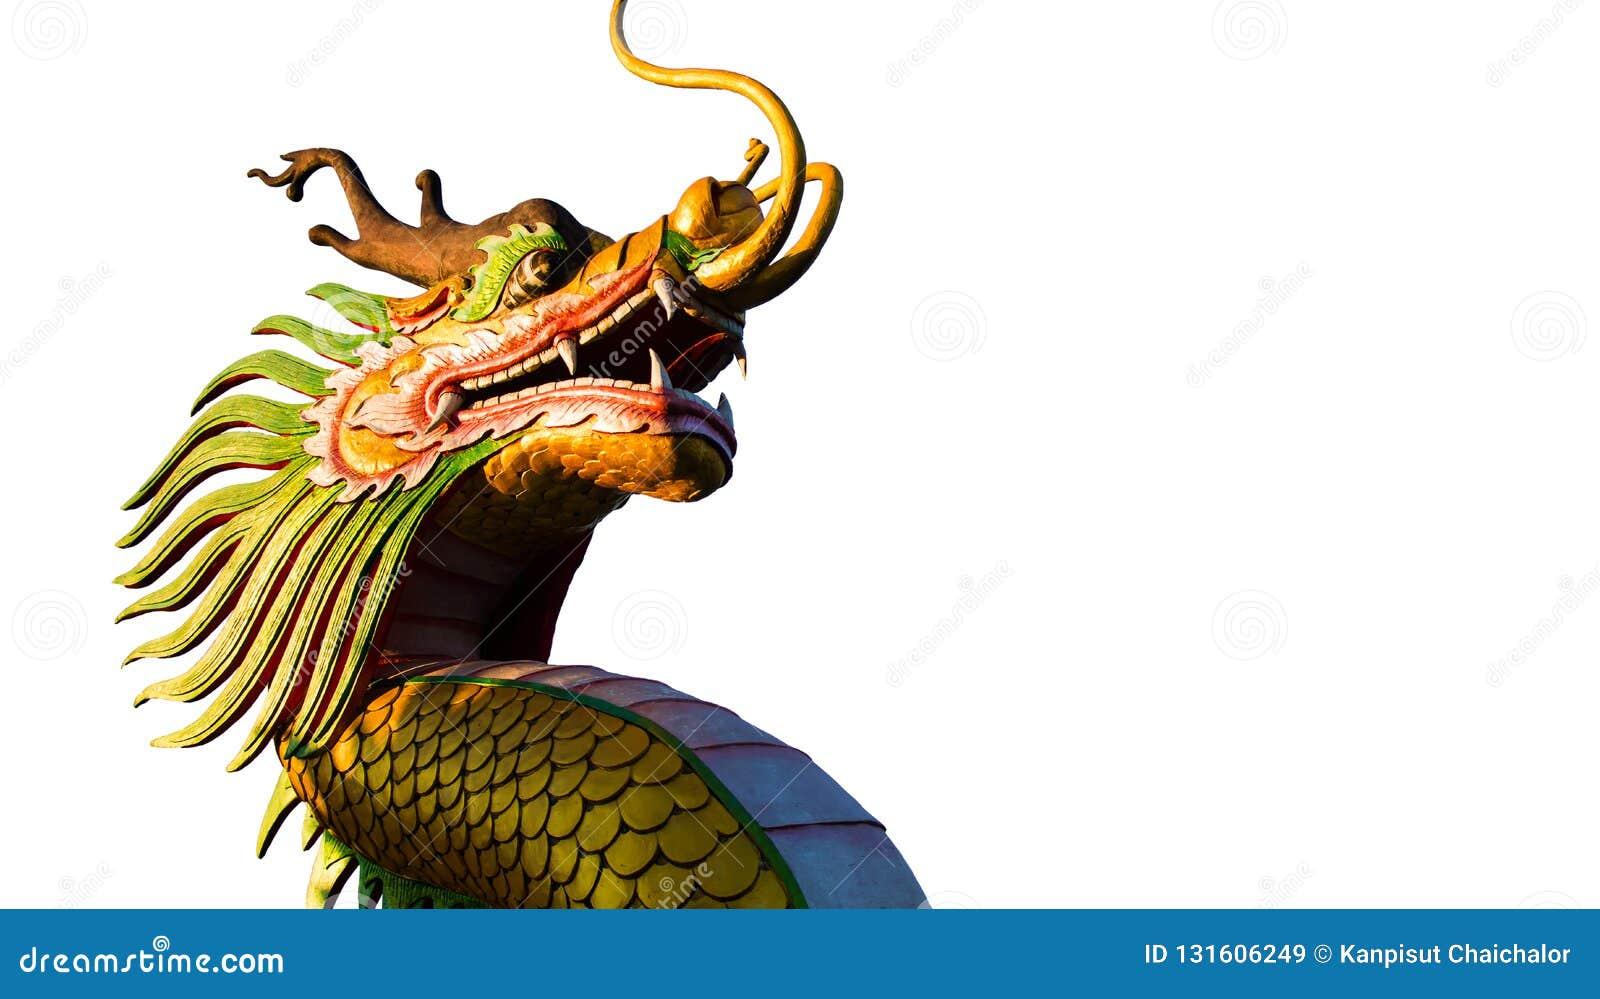 Ano novo chinês Dragon Decoration no fundo branco Projetos chineses da escultura Cabeça do dragão Ano novo feliz Dragon Decoratio